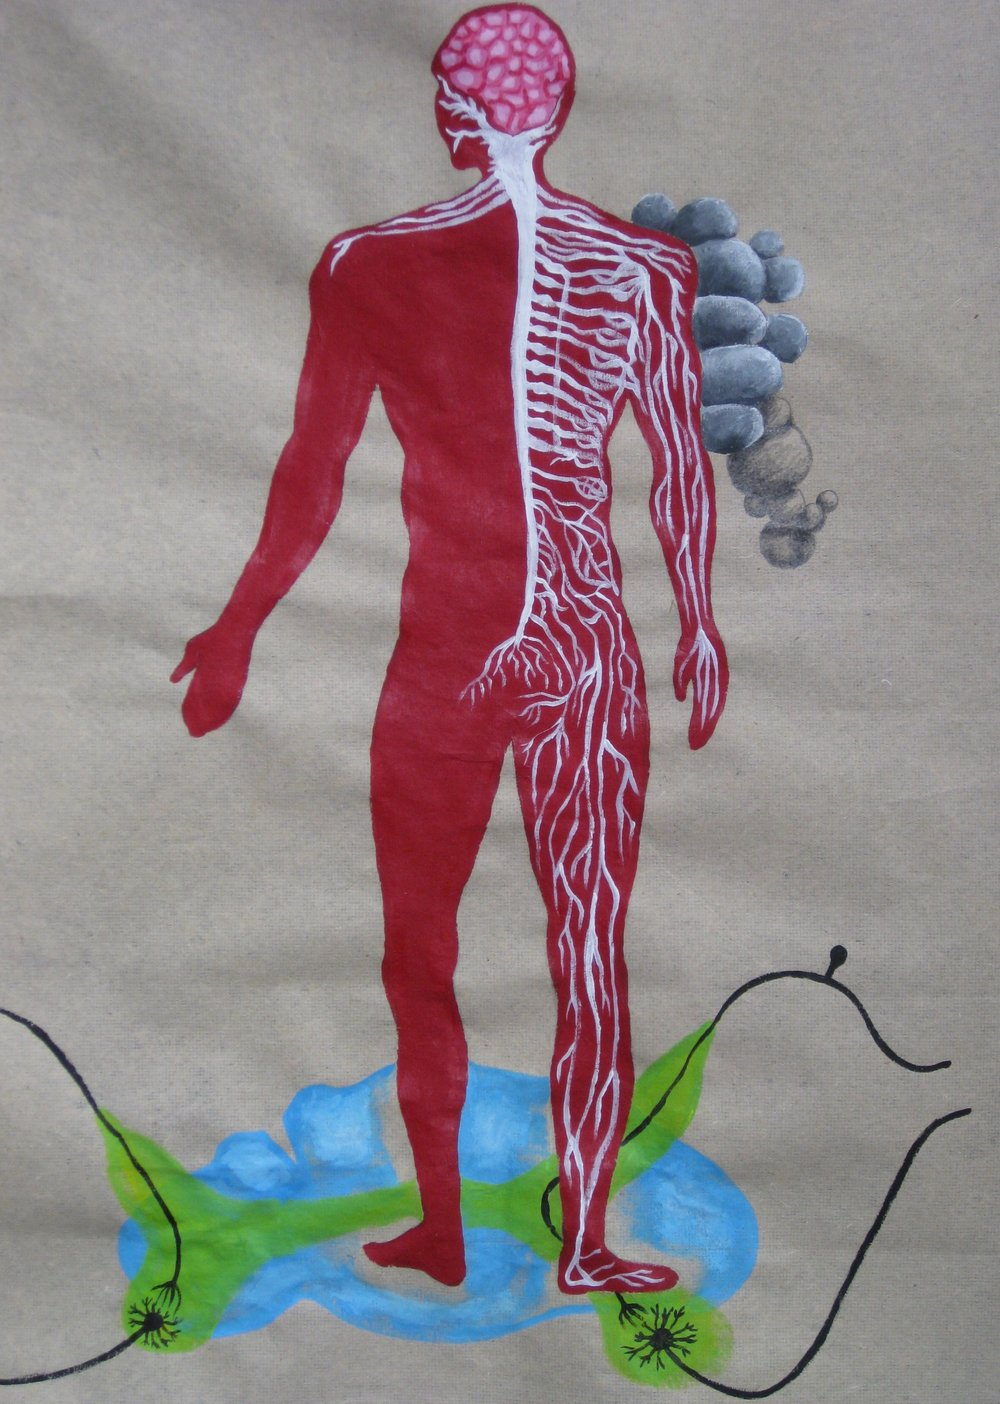 Le Systeme Nerveux De L'Homme (Coupe Transversale de la Moelle Epiniere)